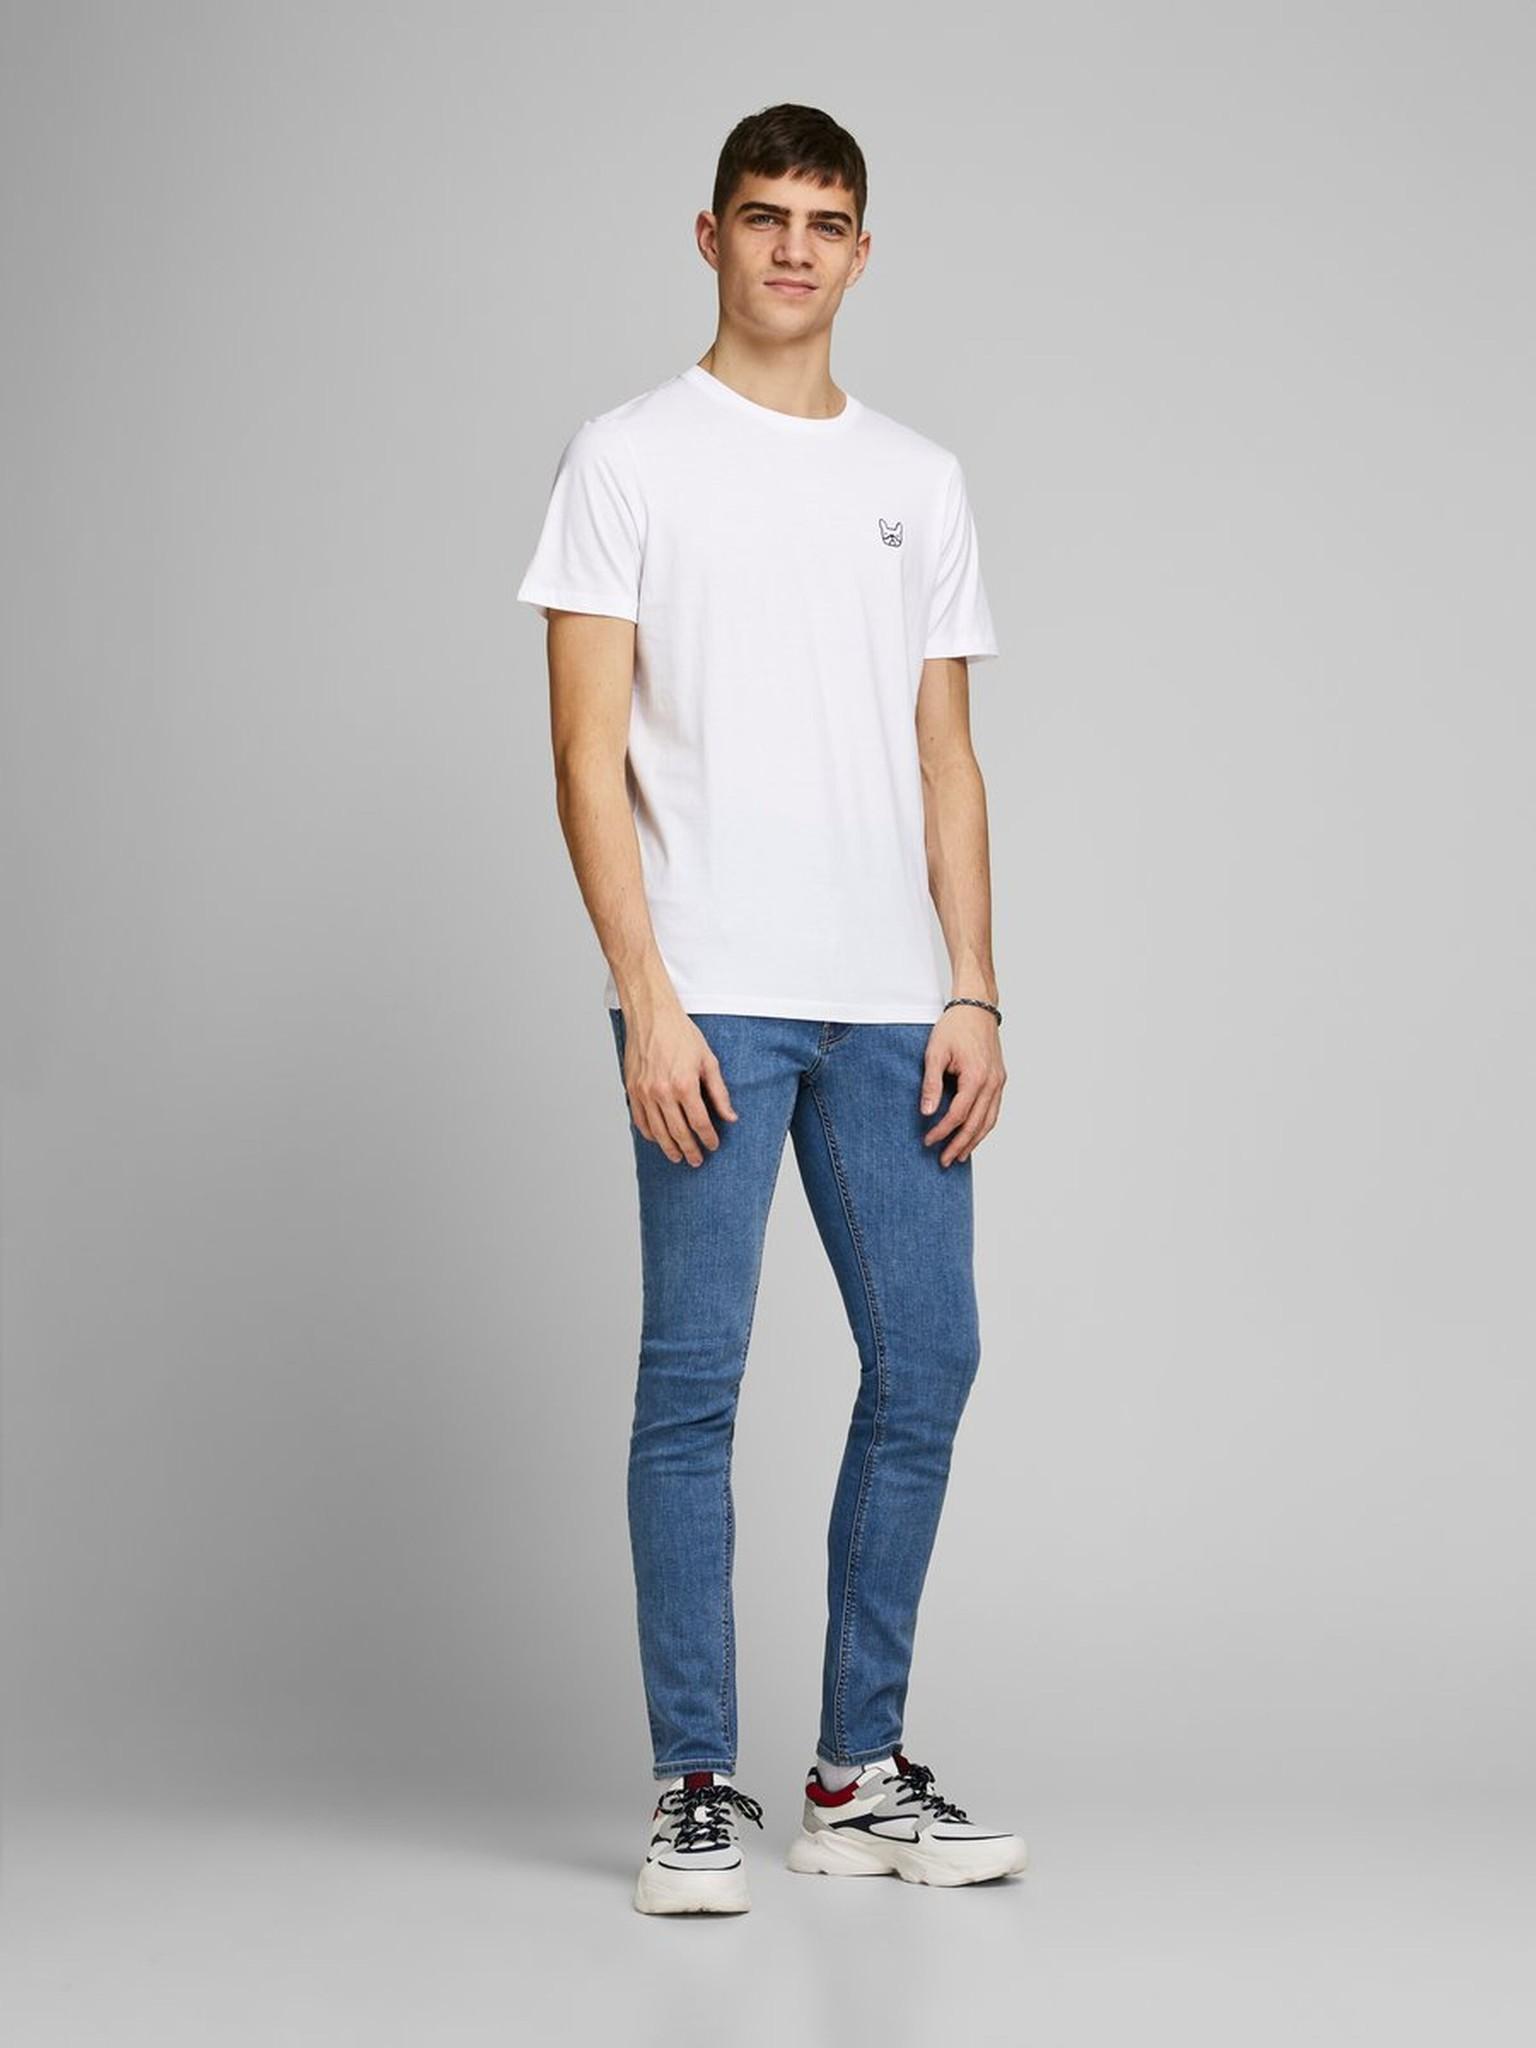 JACK & JONES coton biologique t shirt-4